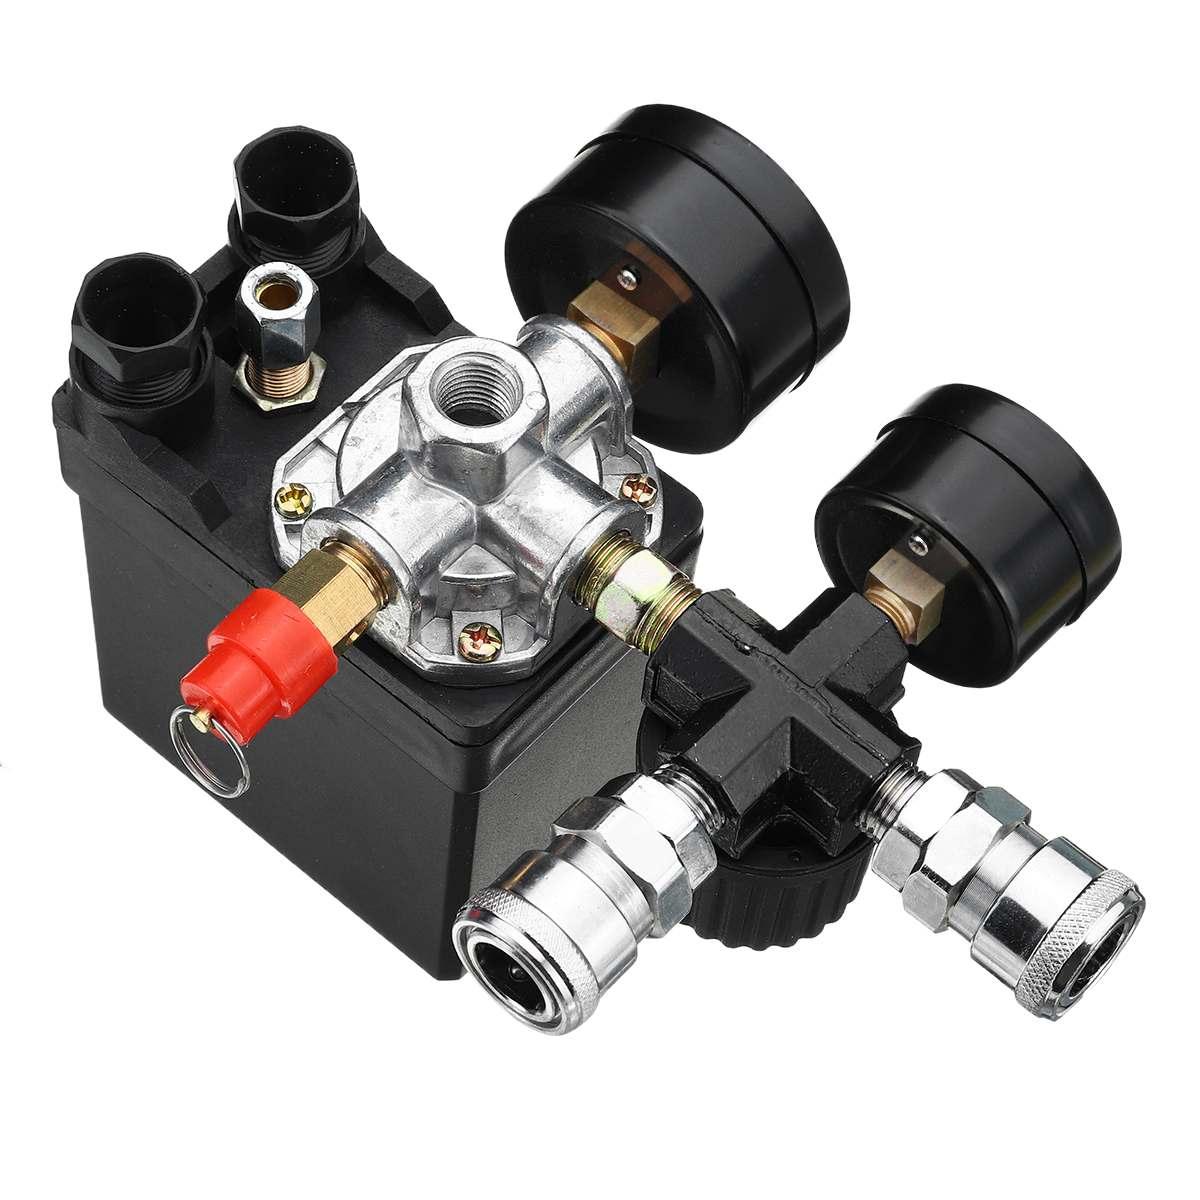 Image 5 - Воздушный компрессор насос переключатель контроля давления 4 порта 220В/380В регулятор сброса коллектора 30 120PSI контрольный клапан с манометромПневматические компоненты    АлиЭкспресс